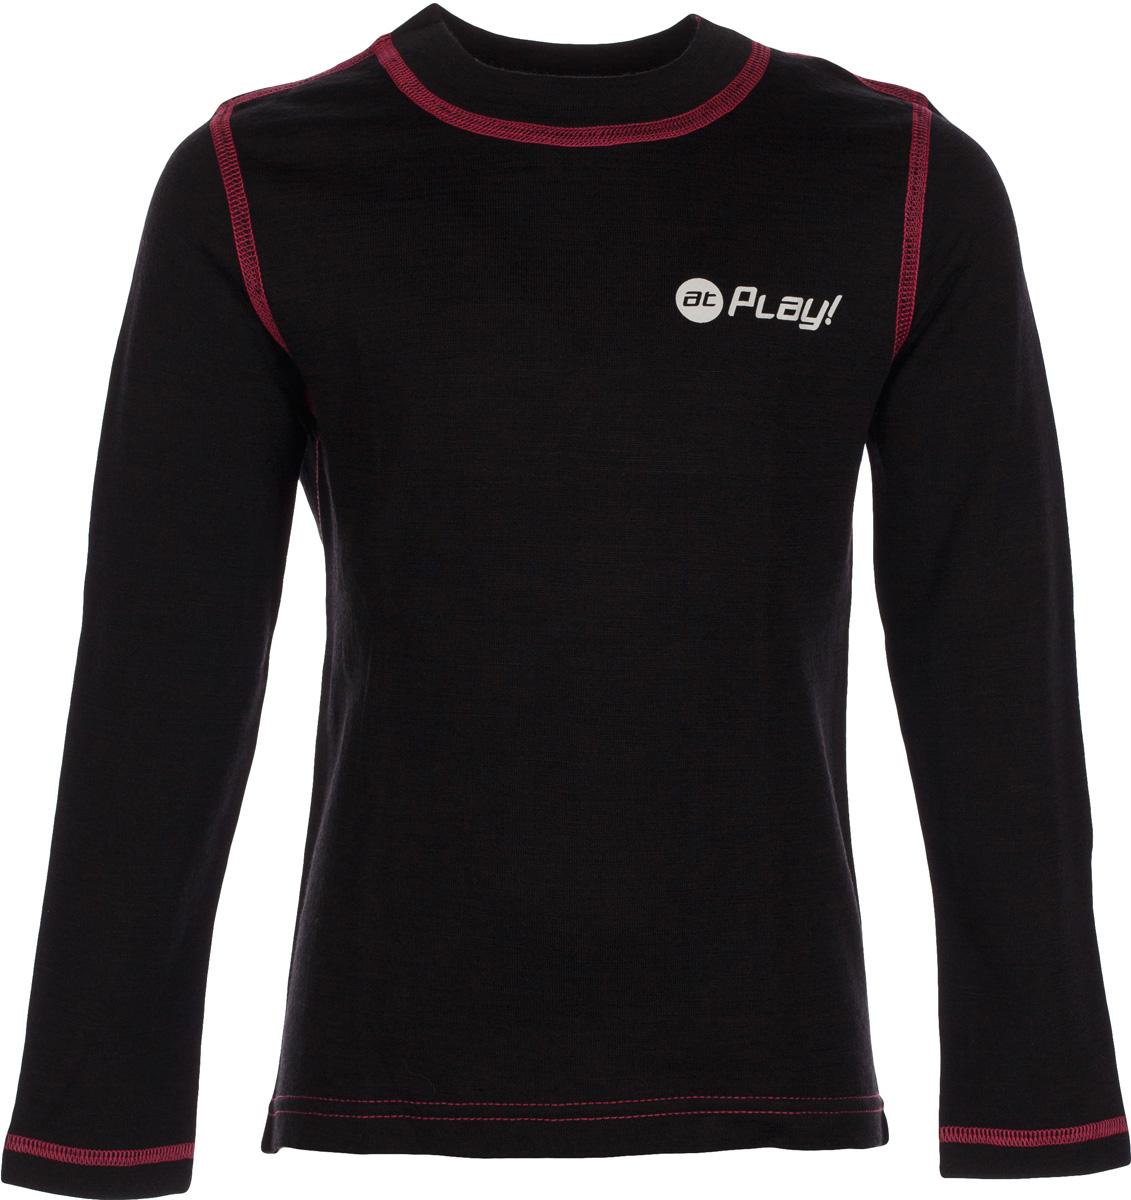 Футболка детская atPlay!, цвет: черный, розовый. 3tjk761. Размер 1223tjk761